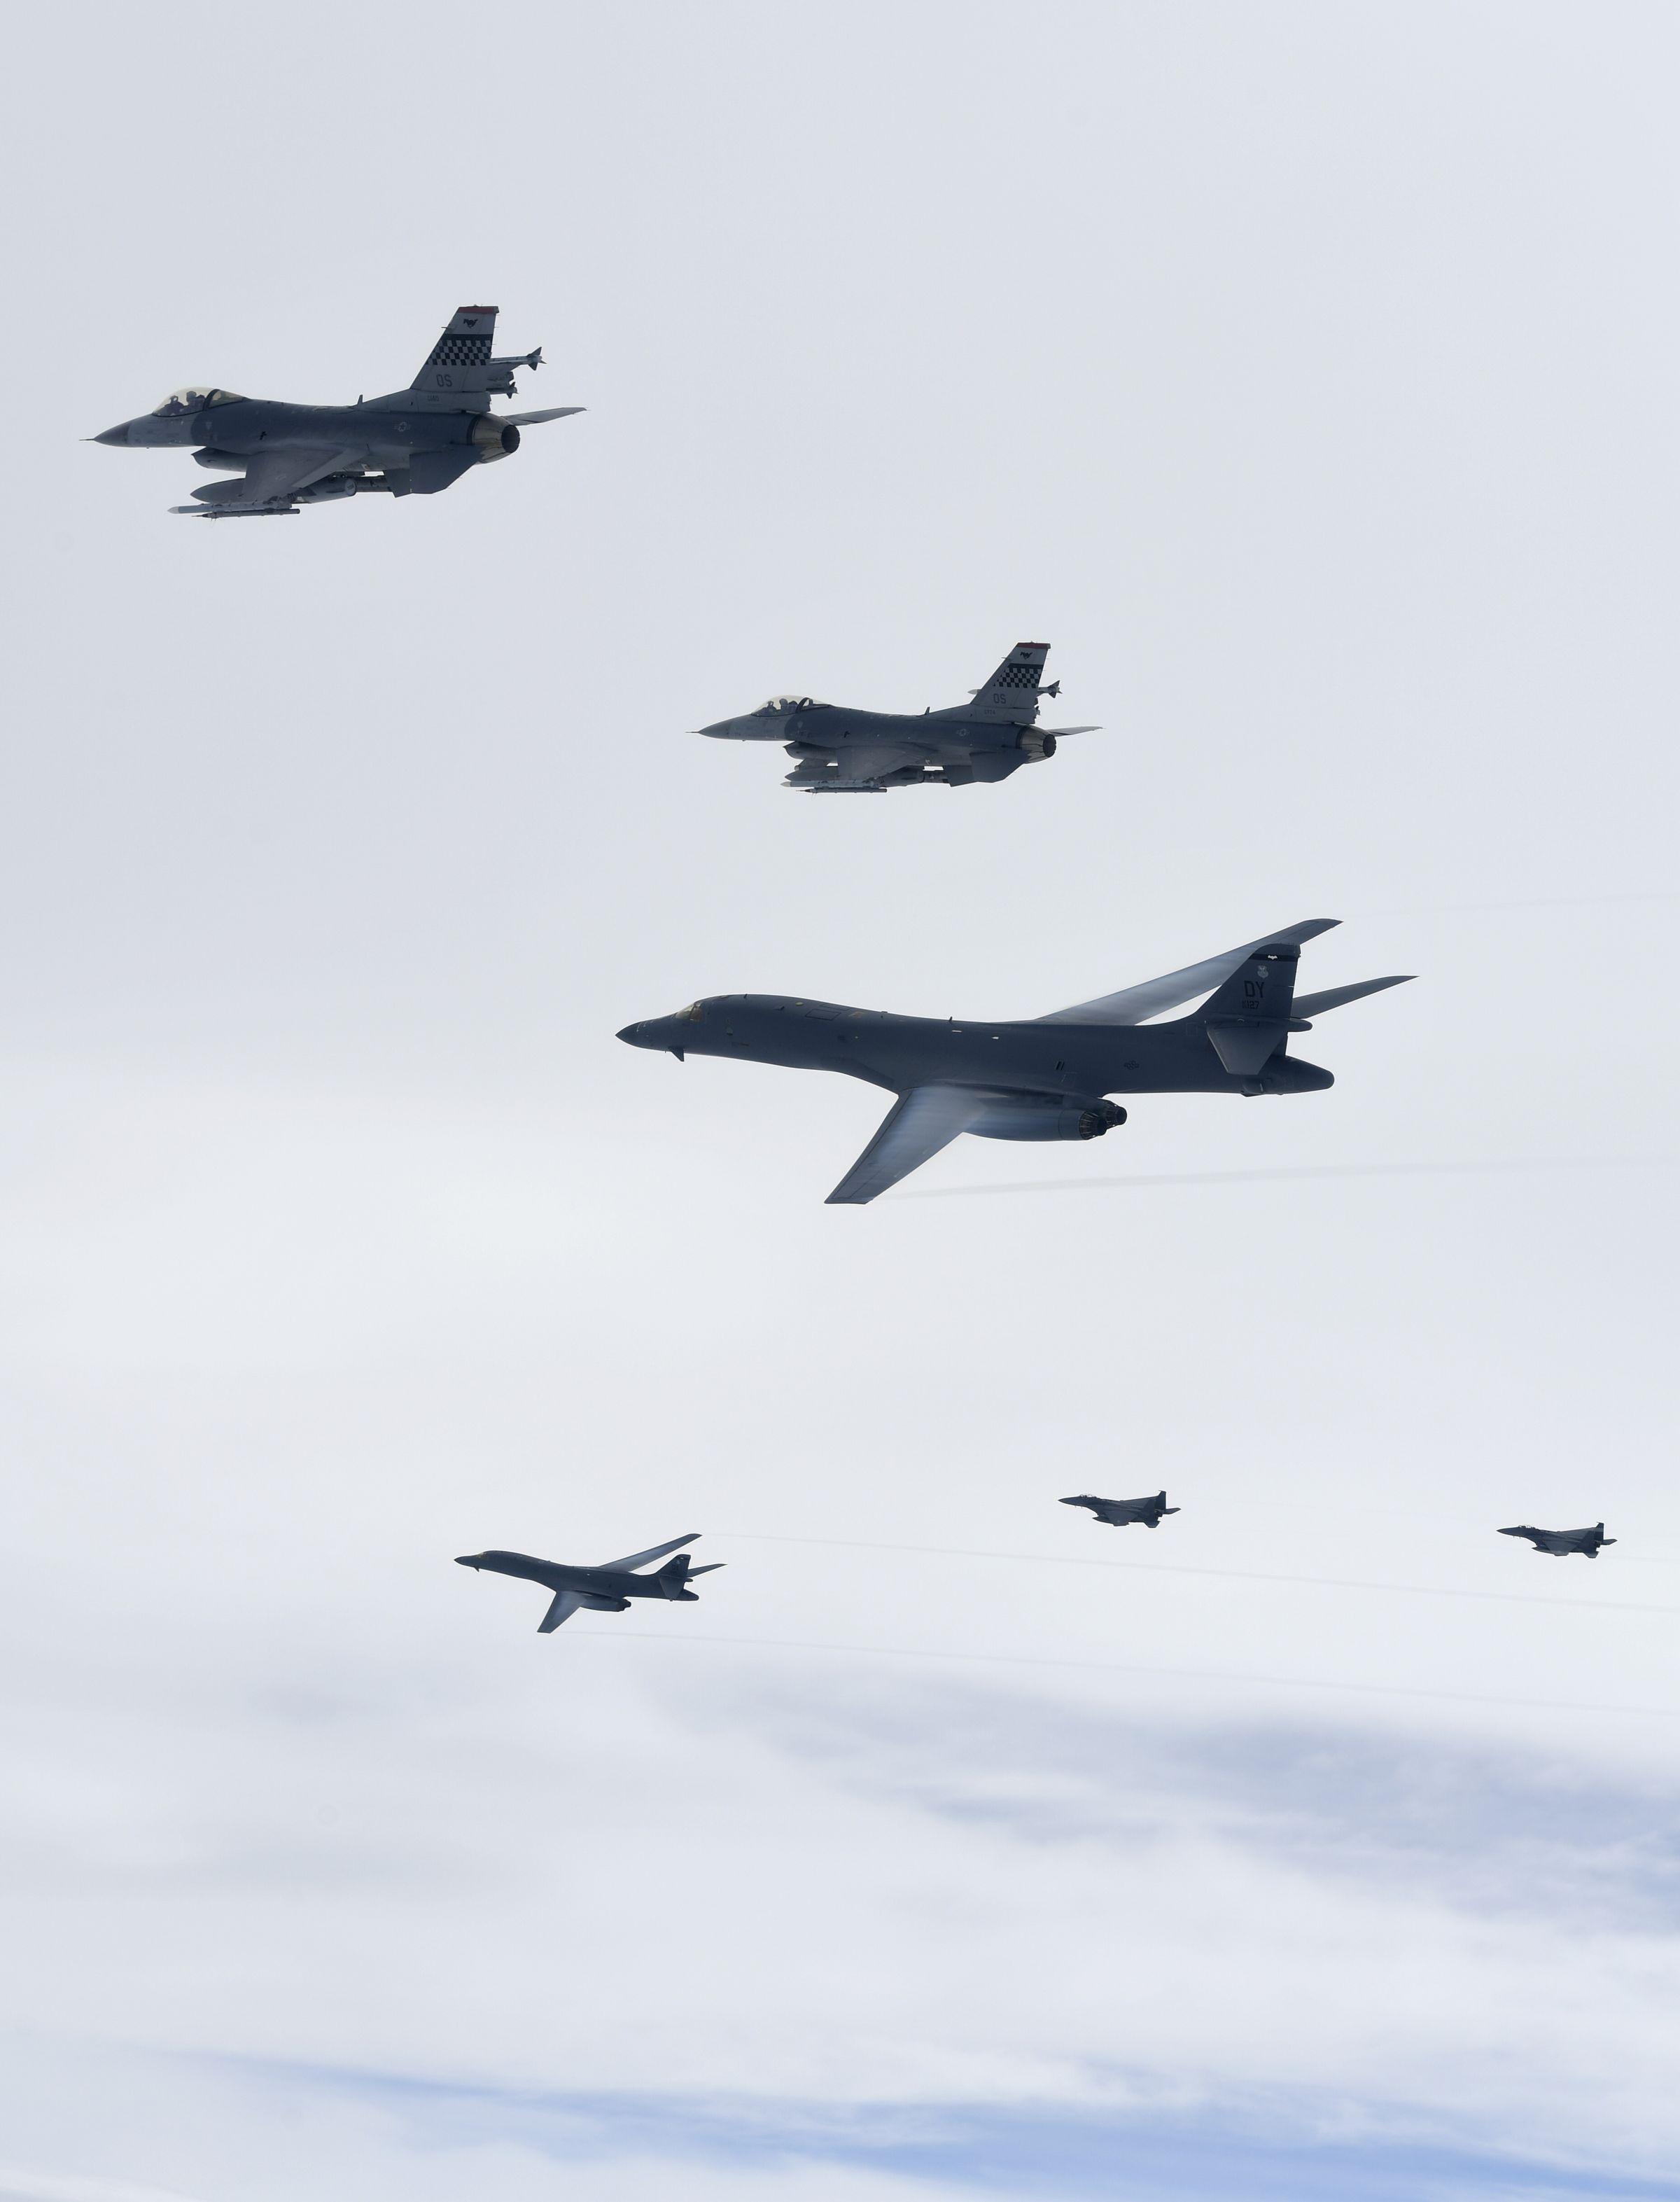 美 전략폭격기 B-1B가 한국 공군 F-15K, 美공군 F-16 전투기의 공중 엄호를 받으며 한반도 상공을 비행하고 있다. [사진 공군]